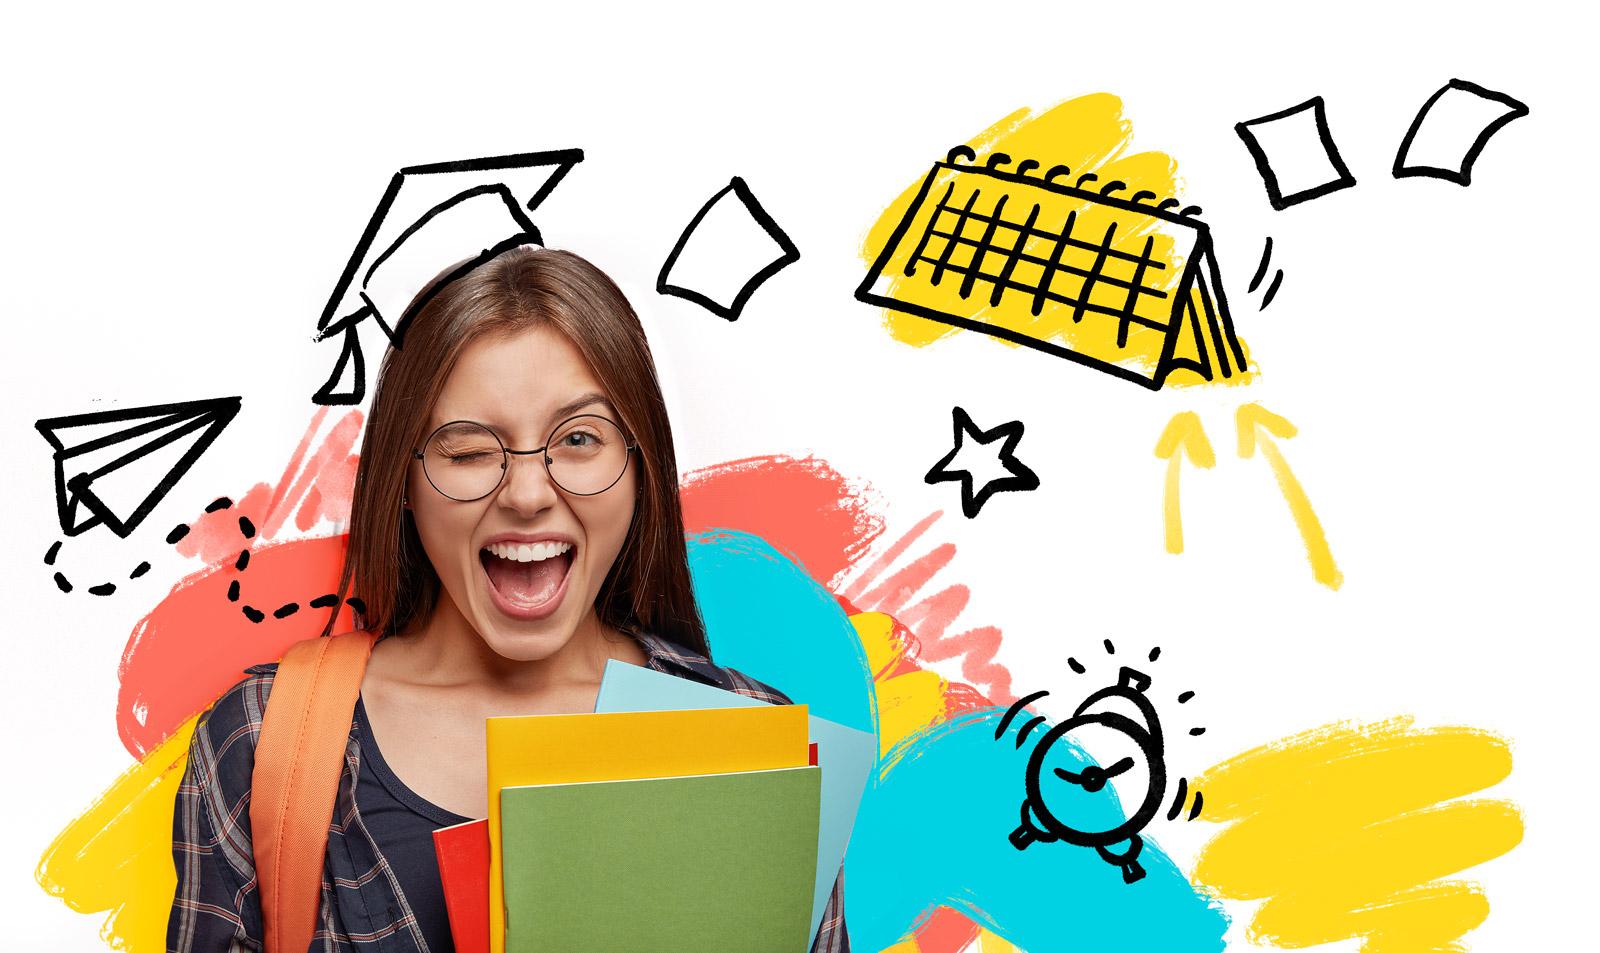 Upis u srednju školu - ilustracija